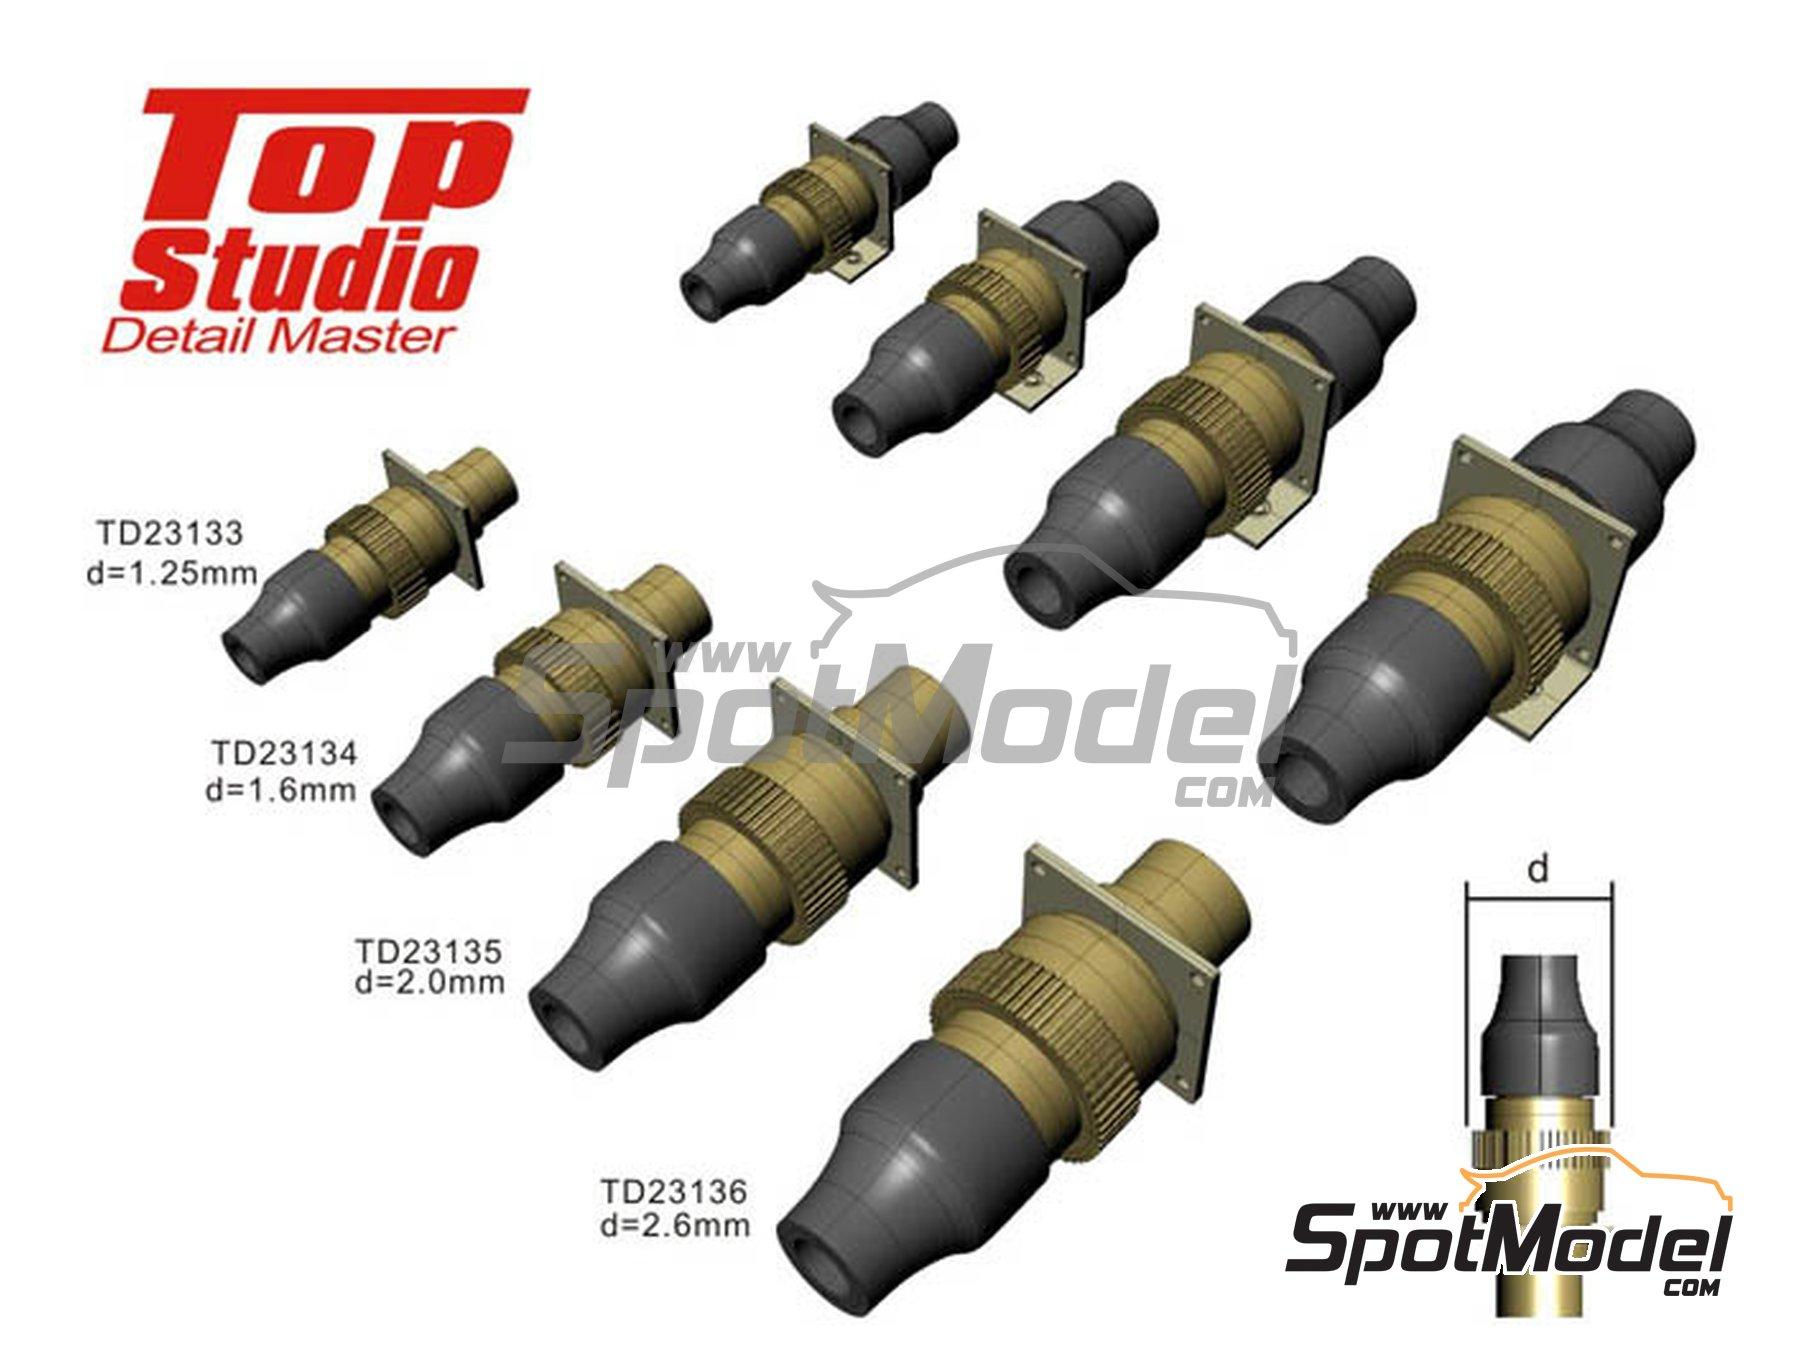 Image 1: Conectores eléctricos | Detalle en escala1/12 fabricado por Top Studio (ref.TD23135)